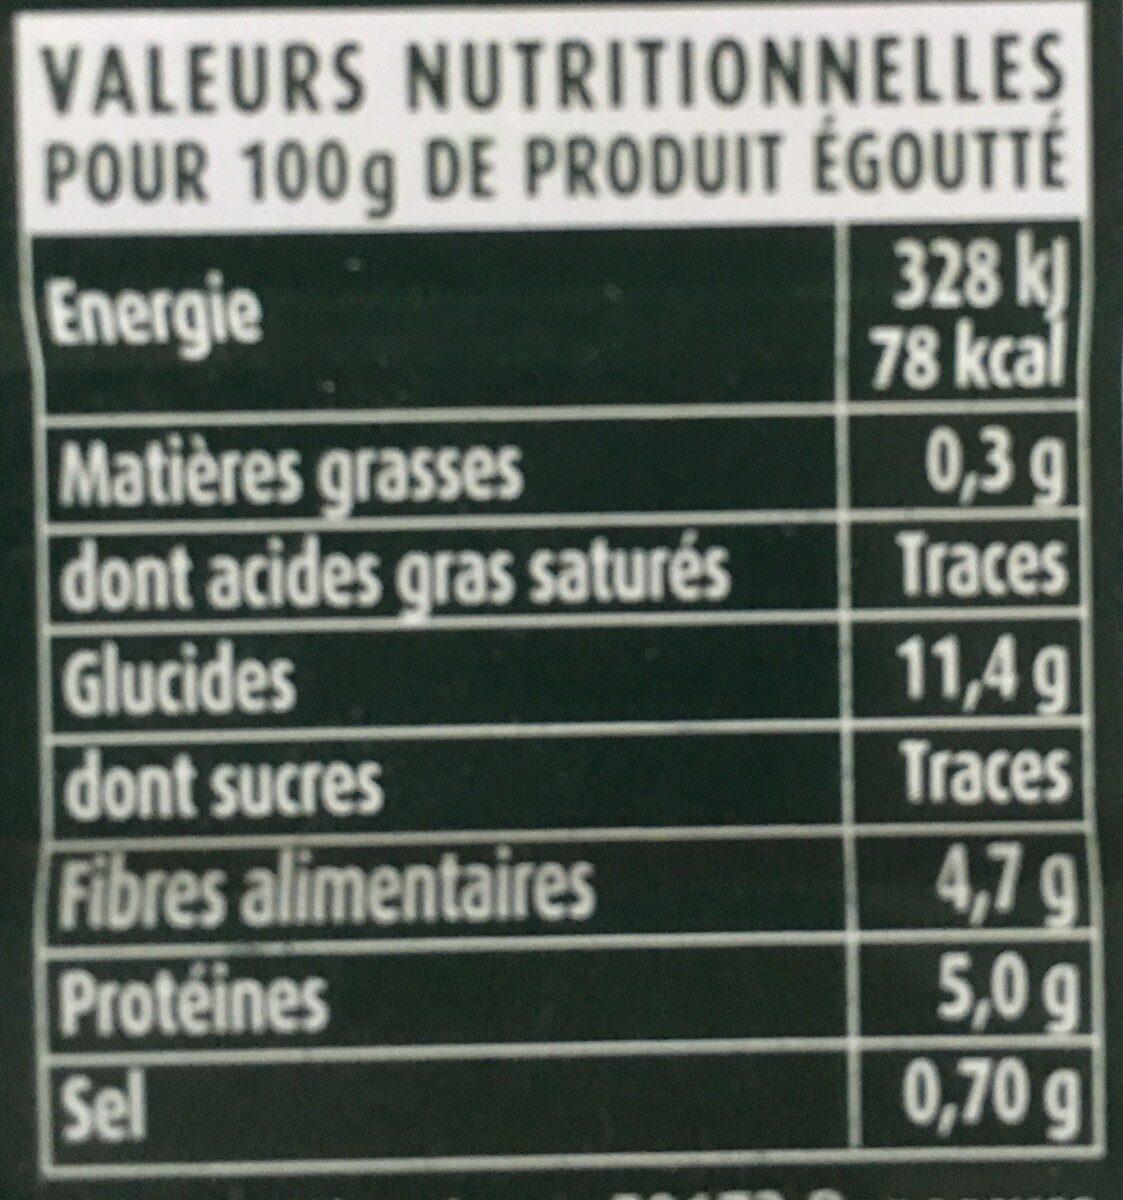 Flageolets préparés - Informations nutritionnelles - fr